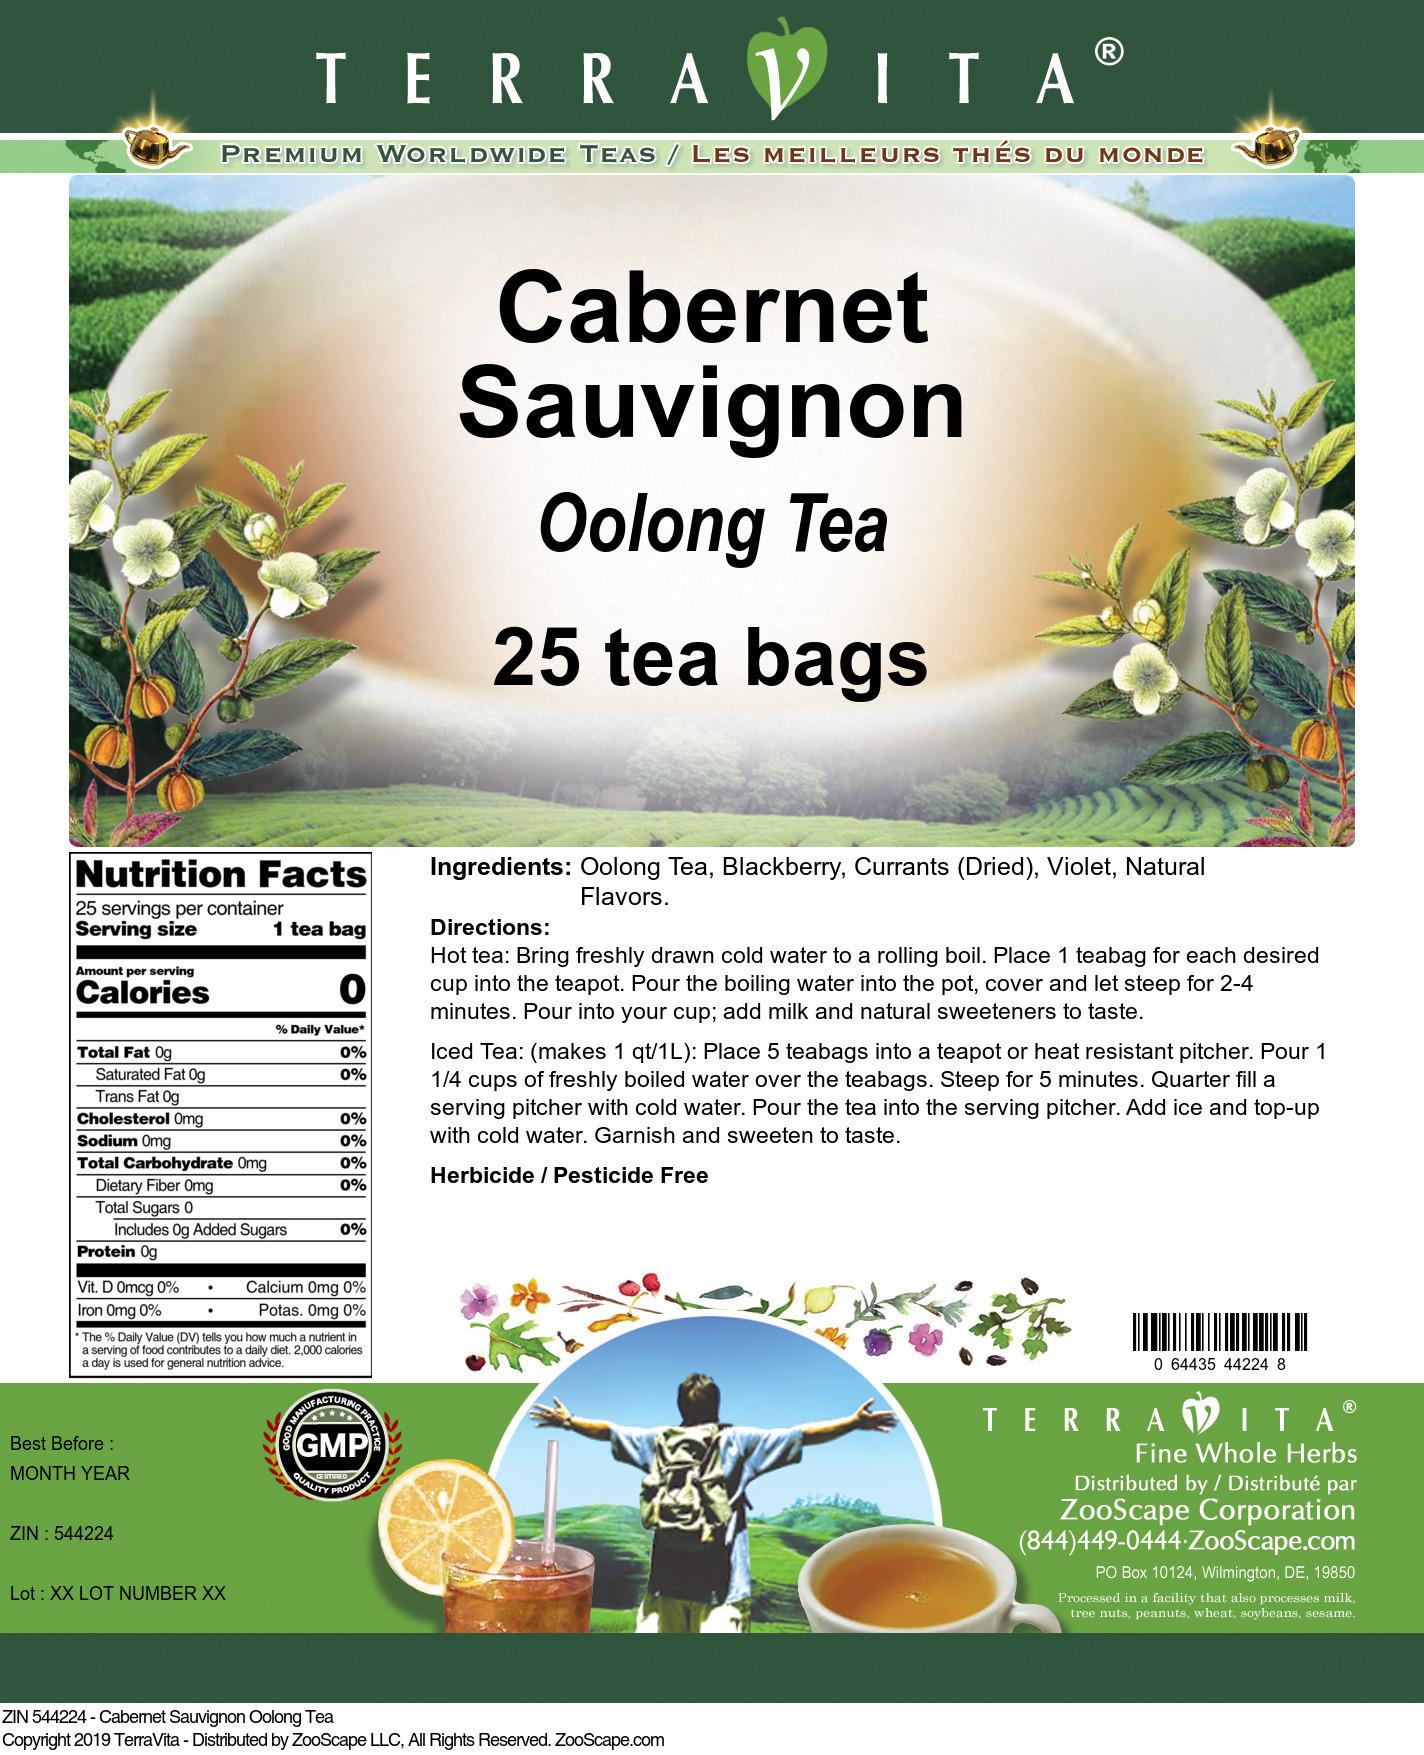 Cabernet Sauvignon Oolong Tea